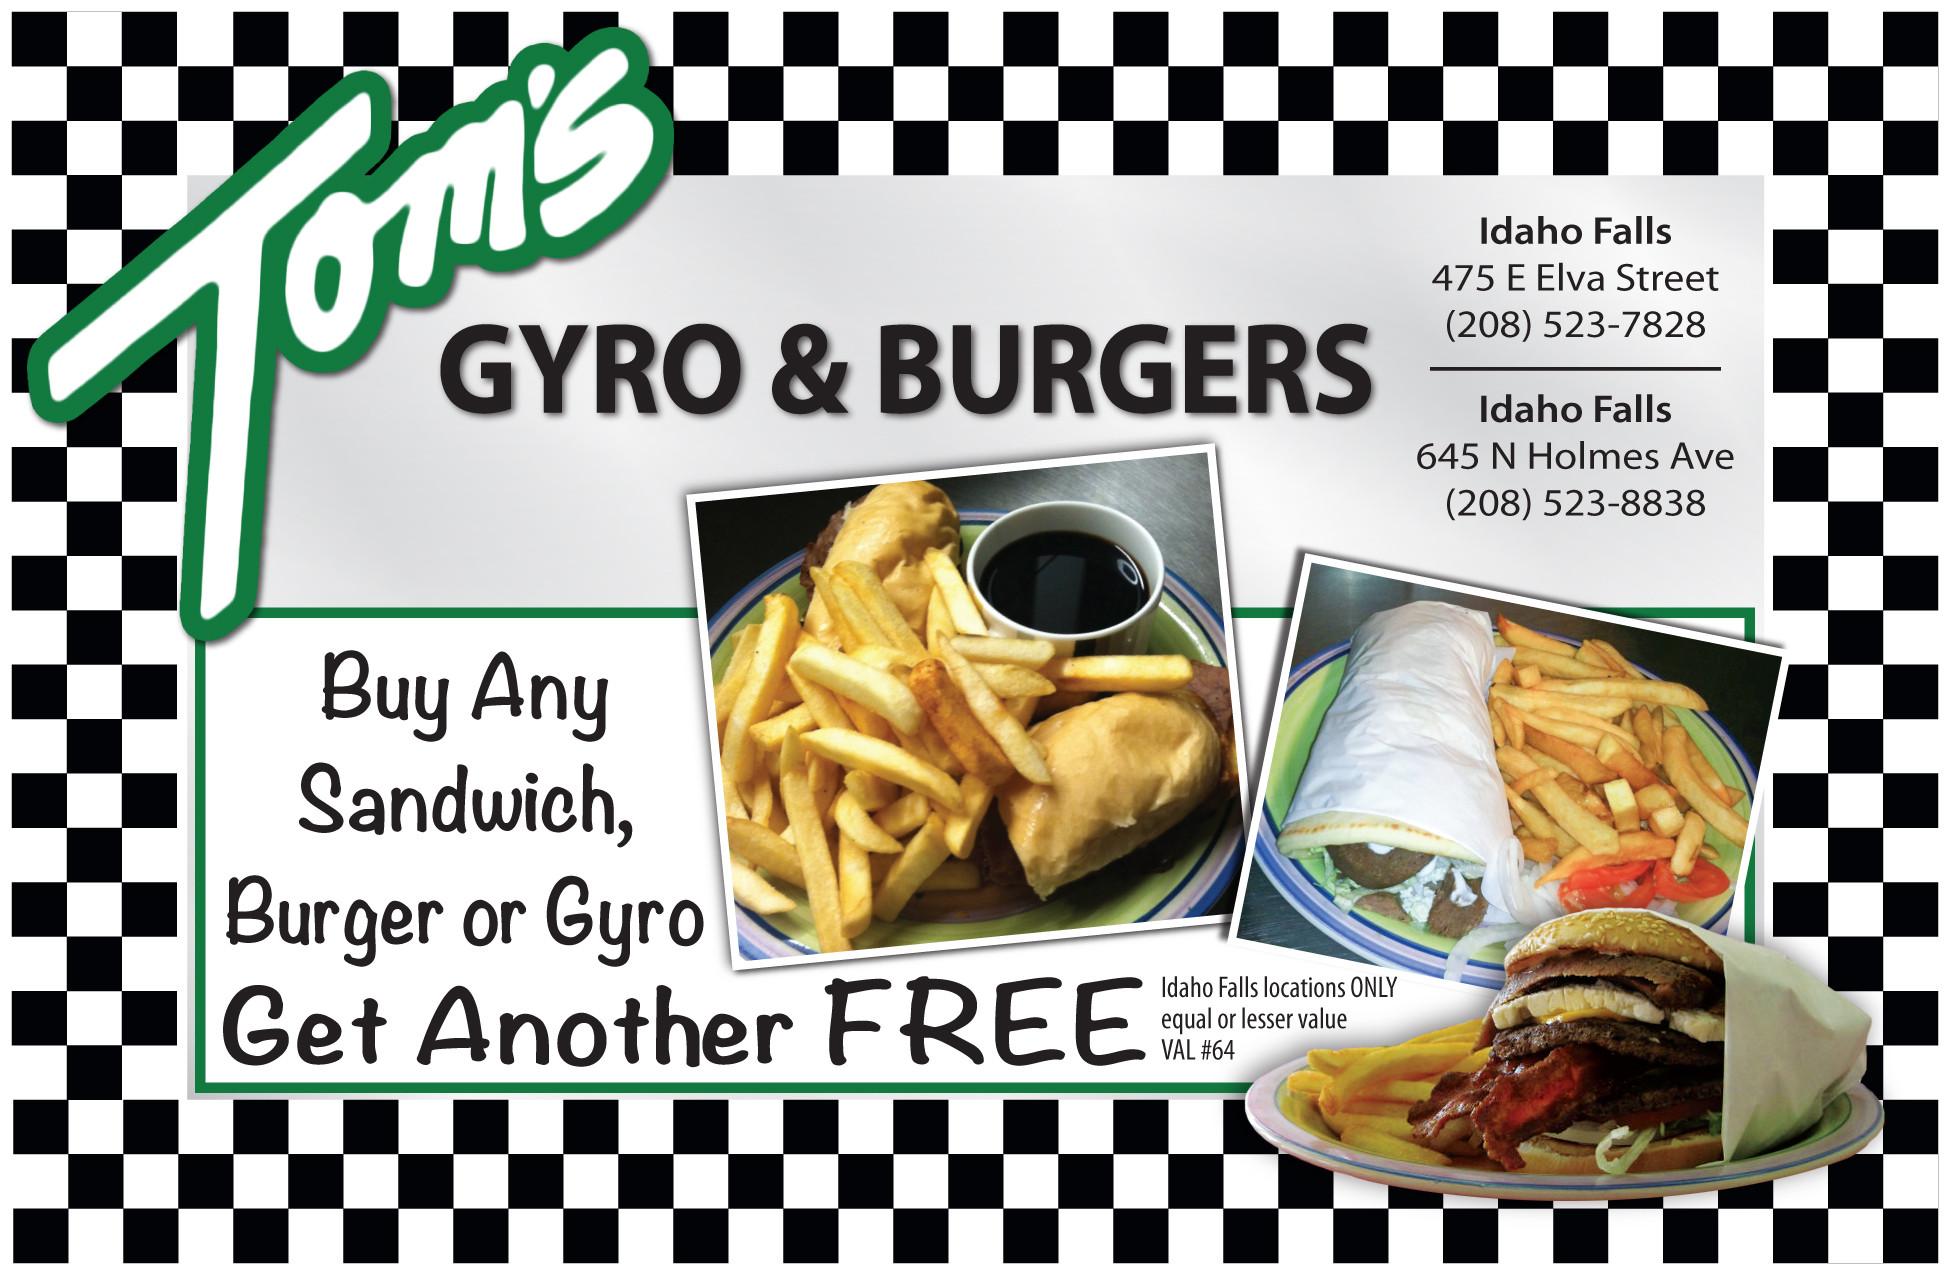 Toms Gyros Idaho Falls  Tom's Gyro & Burgers